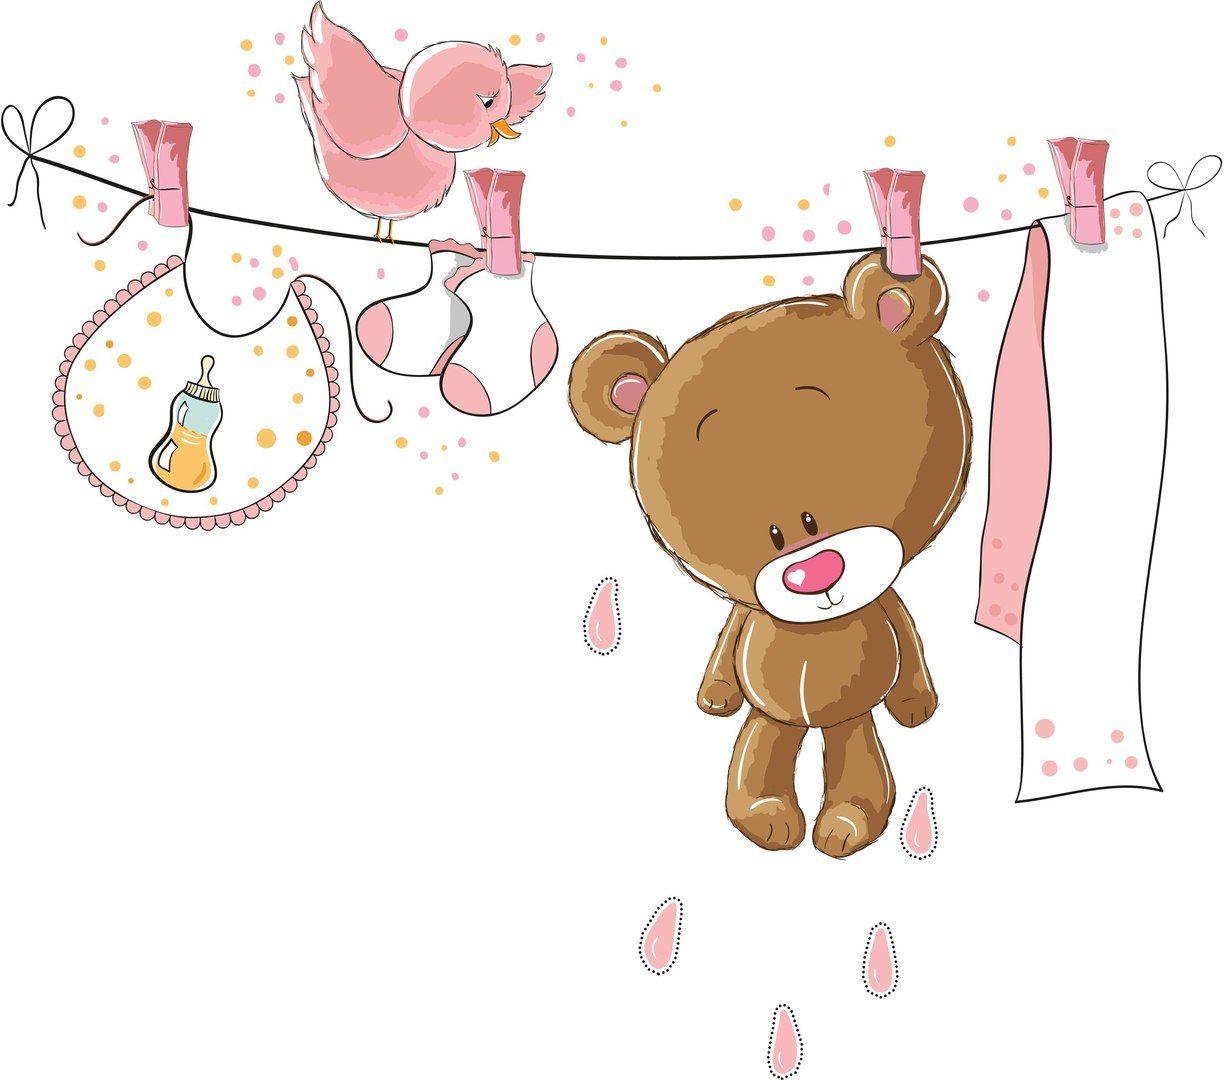 Анимации для, малышу 2 месяца картинки поздравления